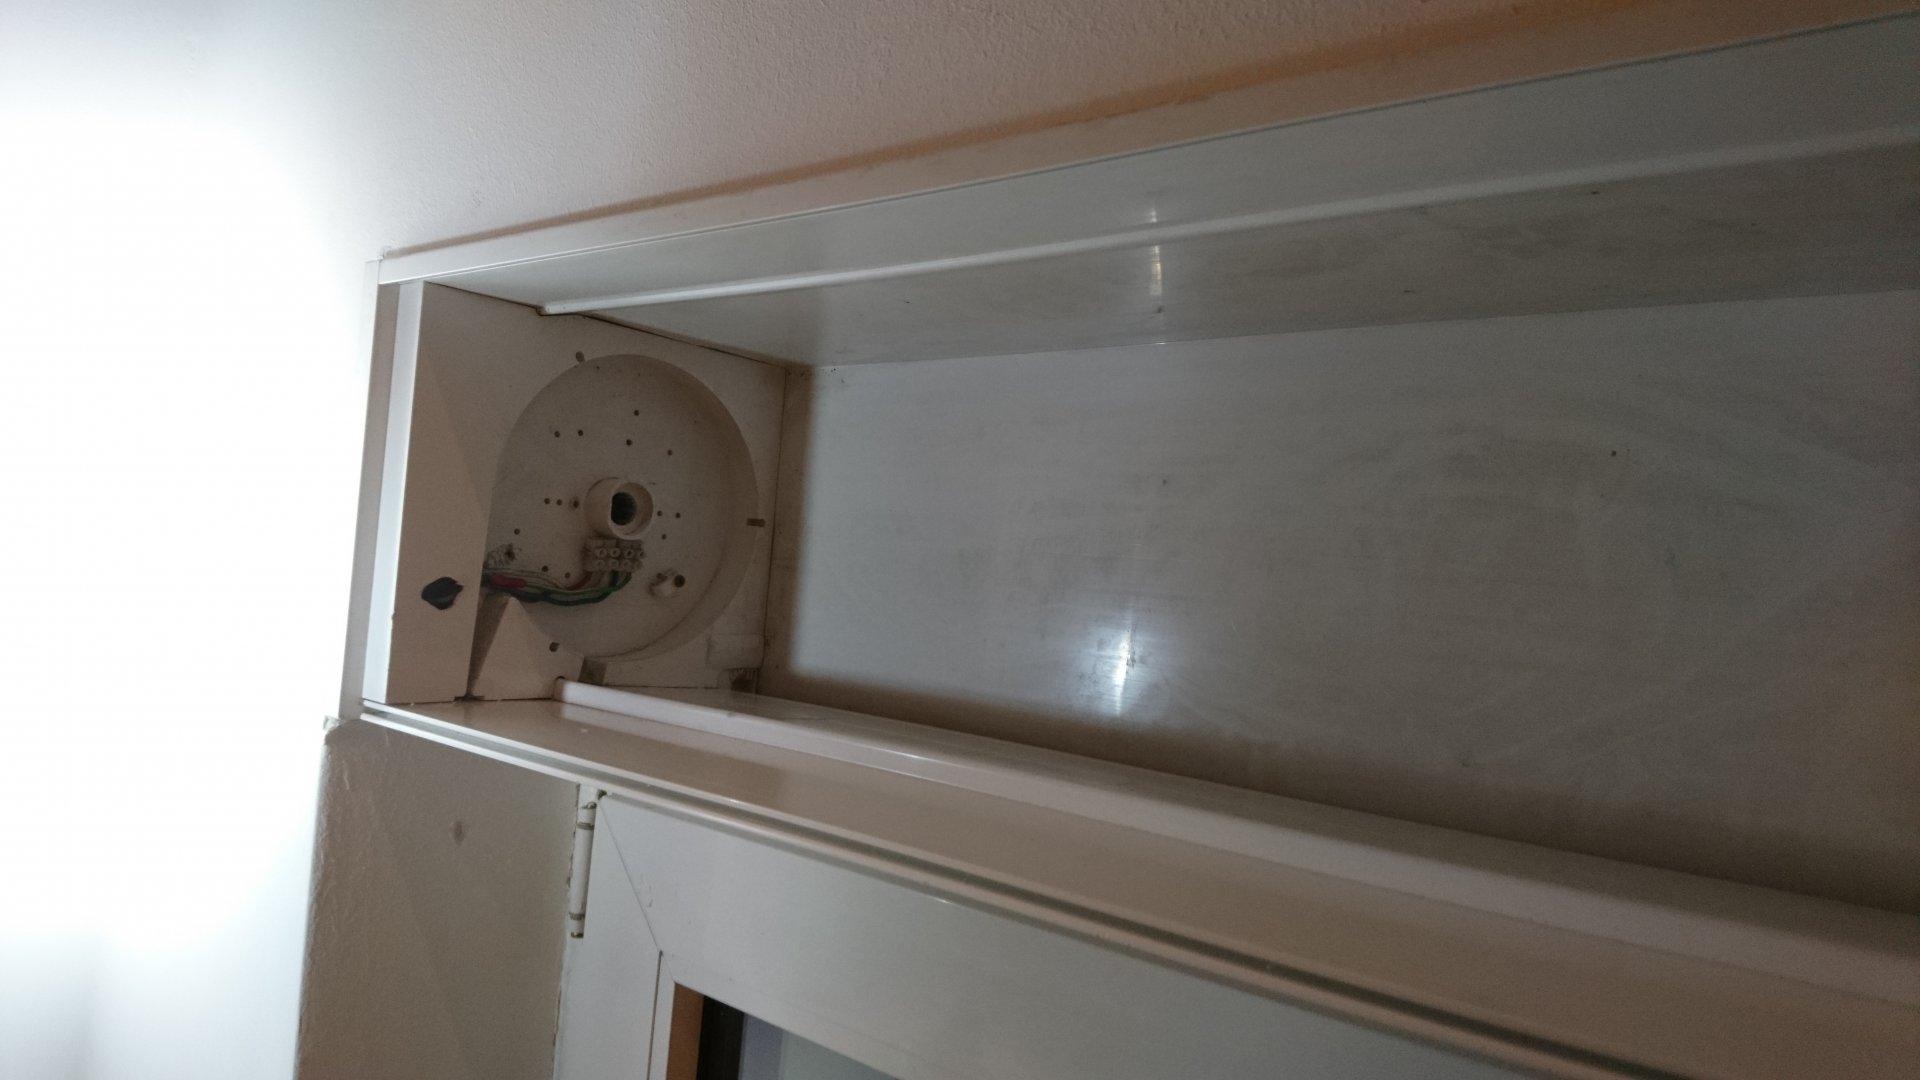 einlauftrichter im rolladenkasten identifizieren ersatzteil finden mit fotos. Black Bedroom Furniture Sets. Home Design Ideas